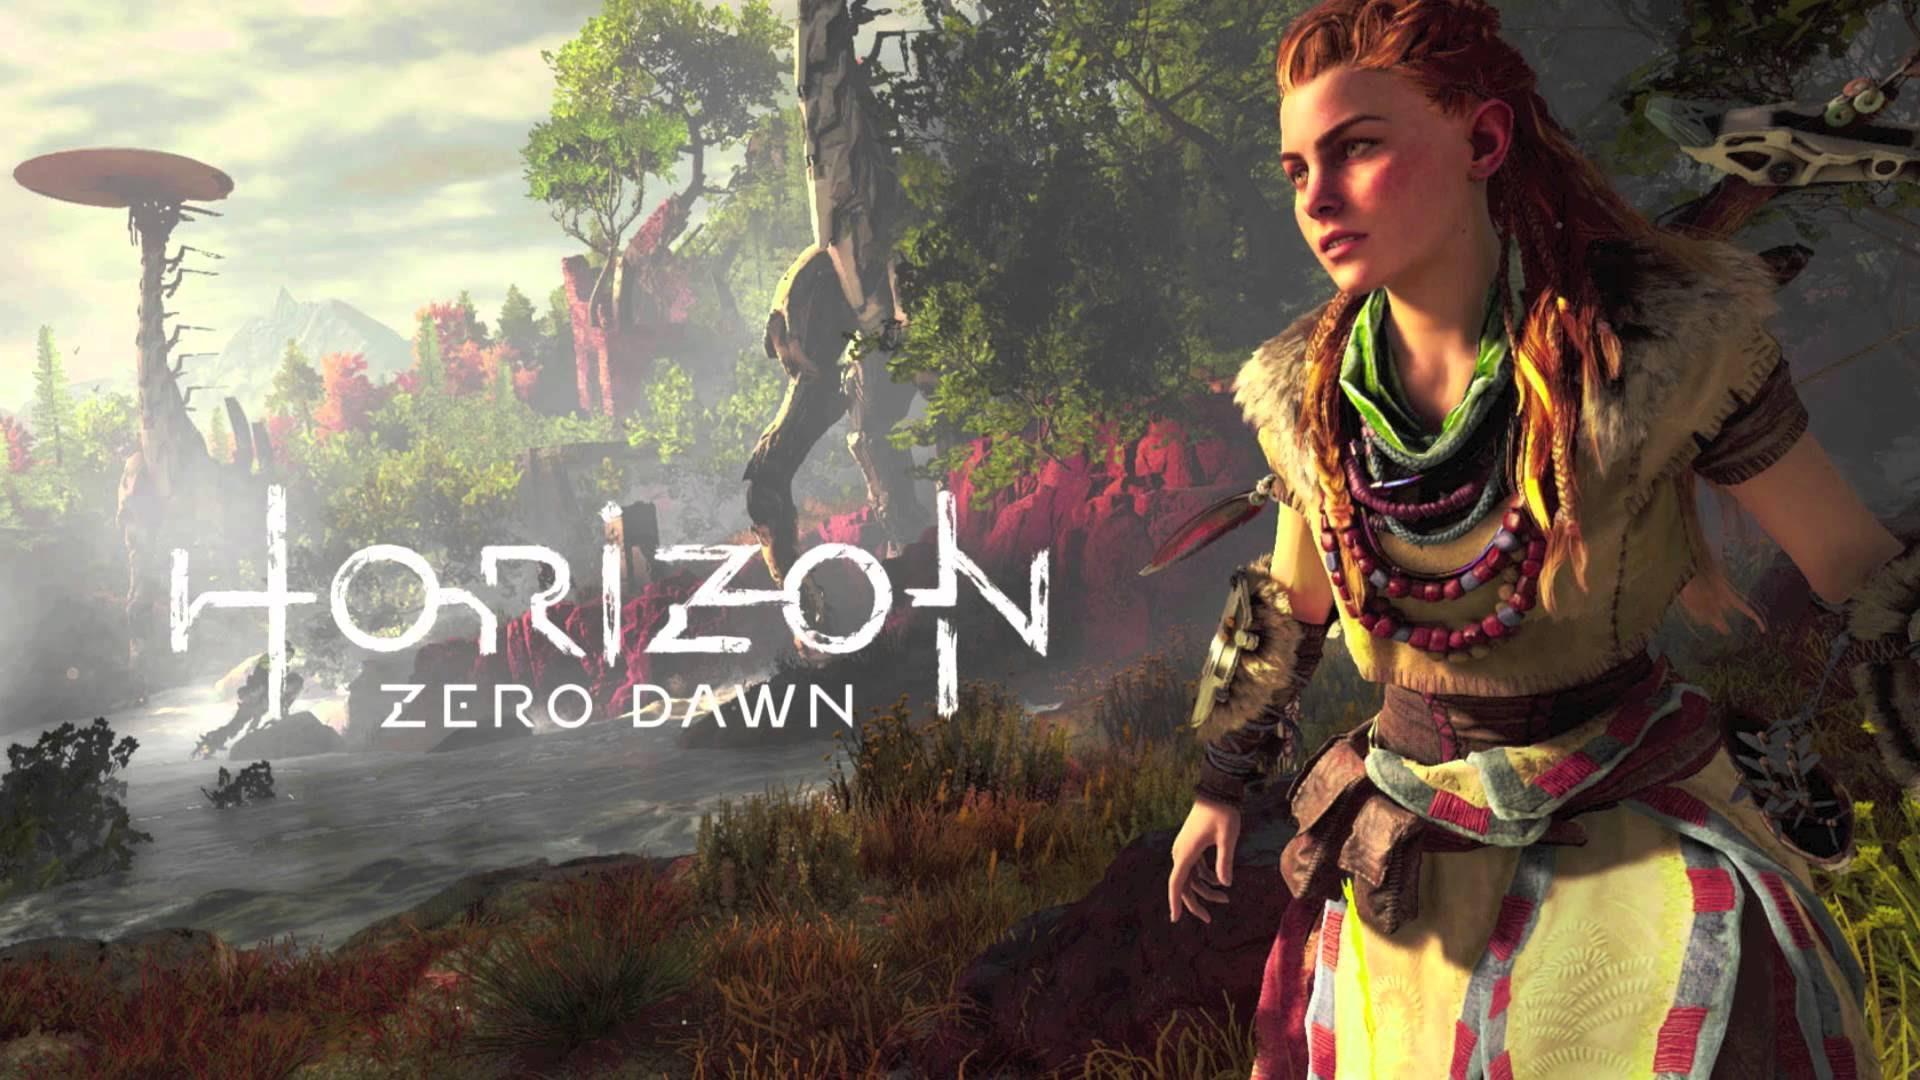 Aloy Horizon Zero Dawn Wallpaper Aloy Horizon Zero Dawn Ps4